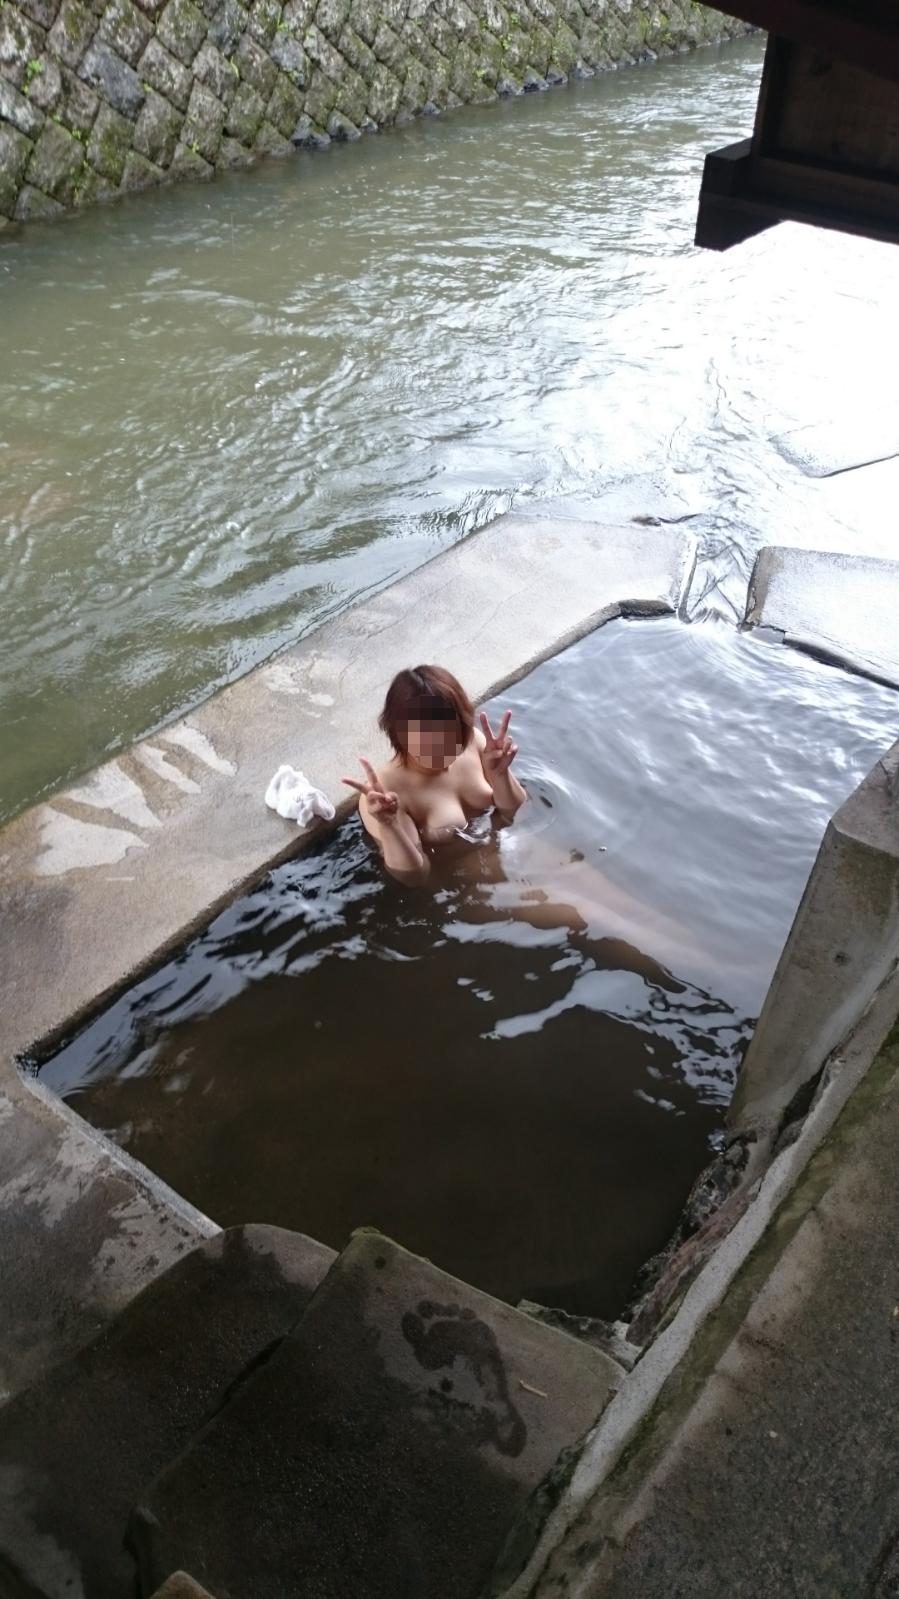 混浴・露天風呂で記念撮影している素人エロ画像-49